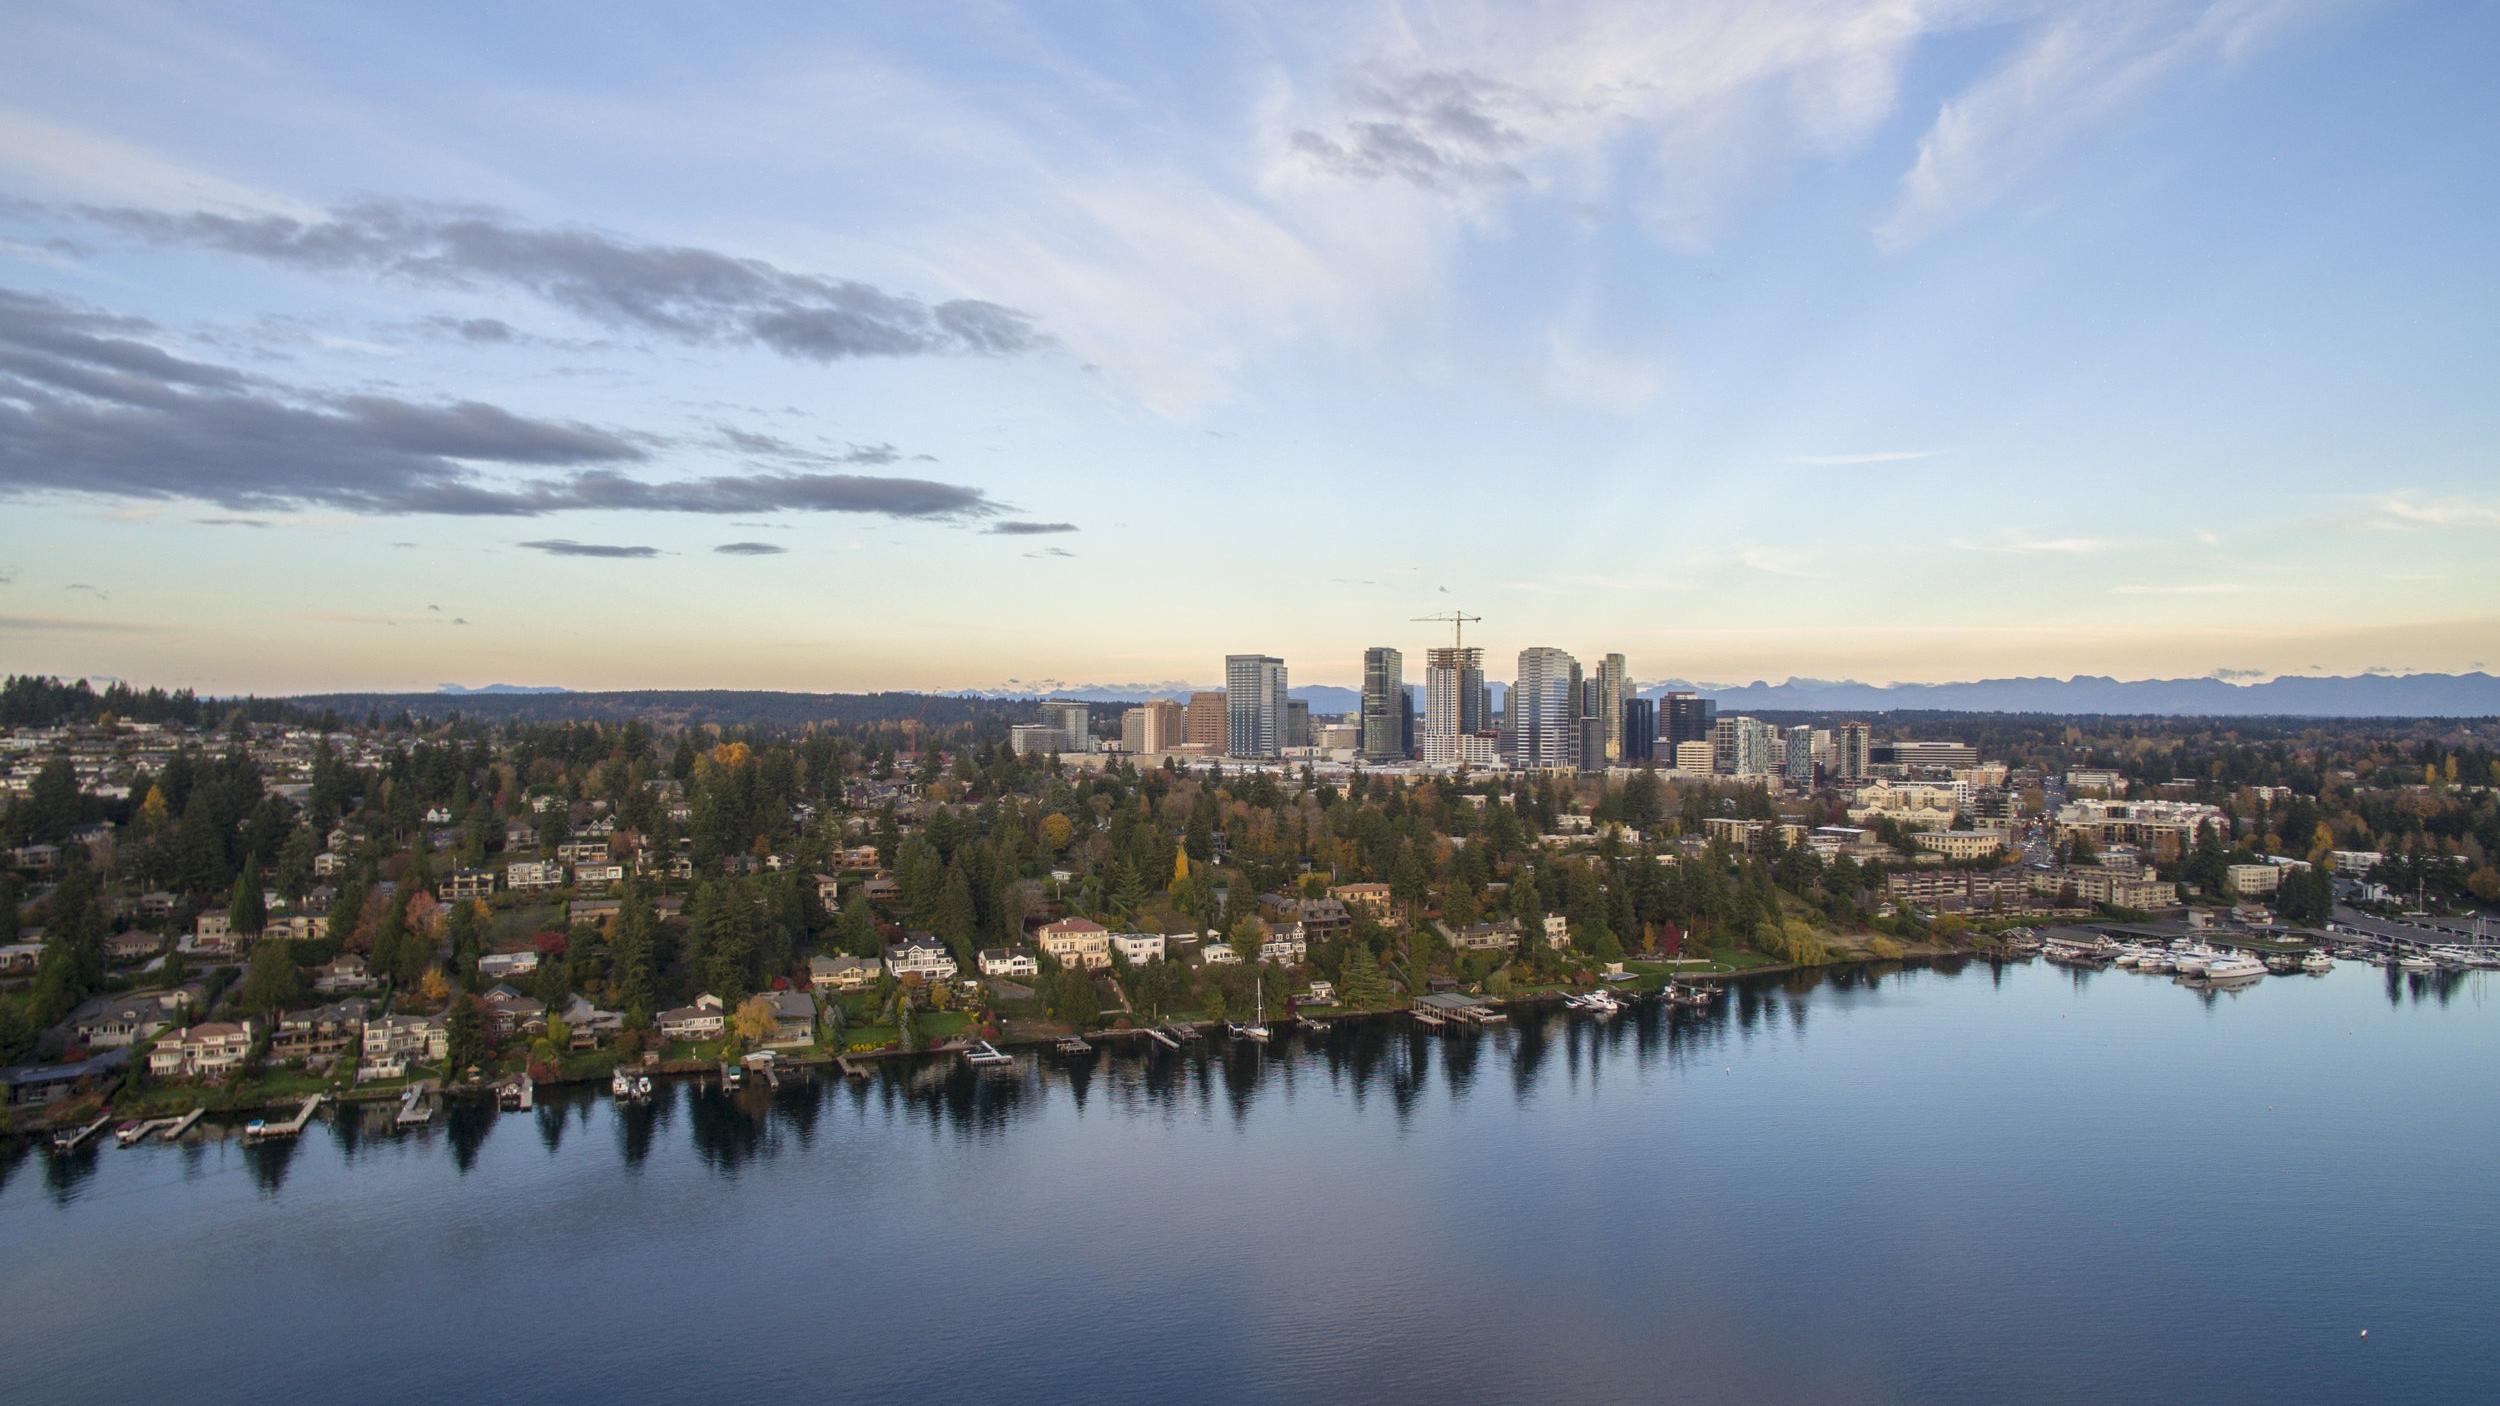 Bellevue -